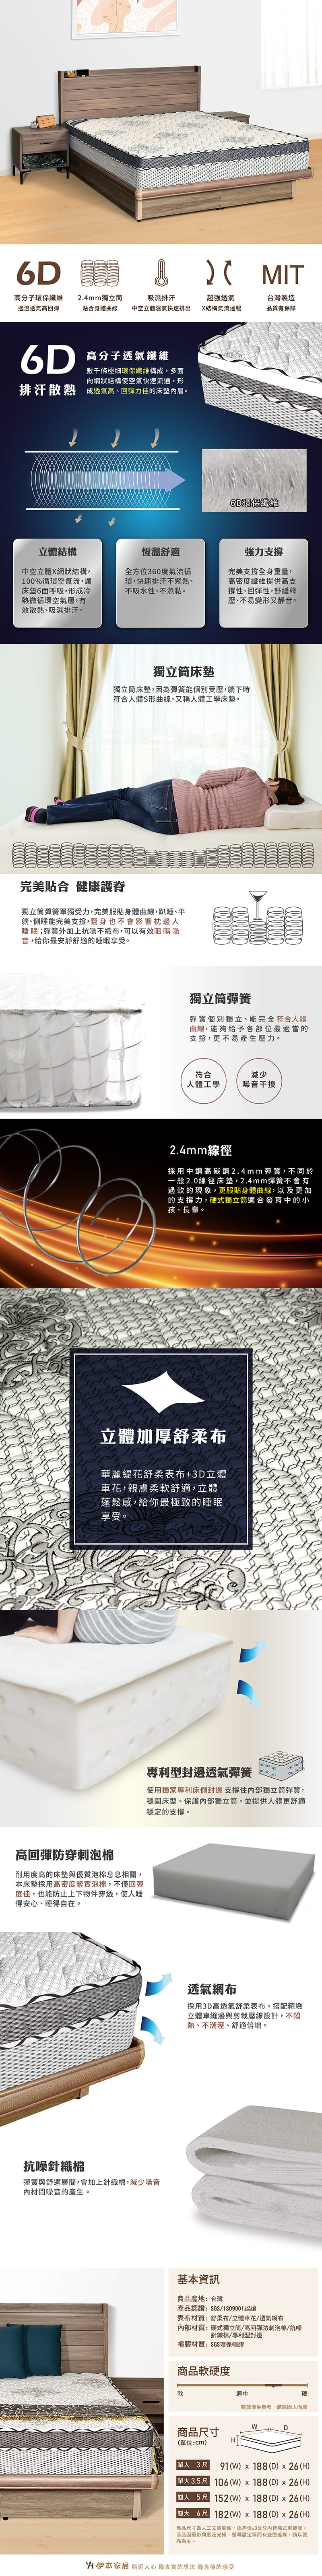 防蹣硬式獨立筒床墊 單人3尺(金剛系列)